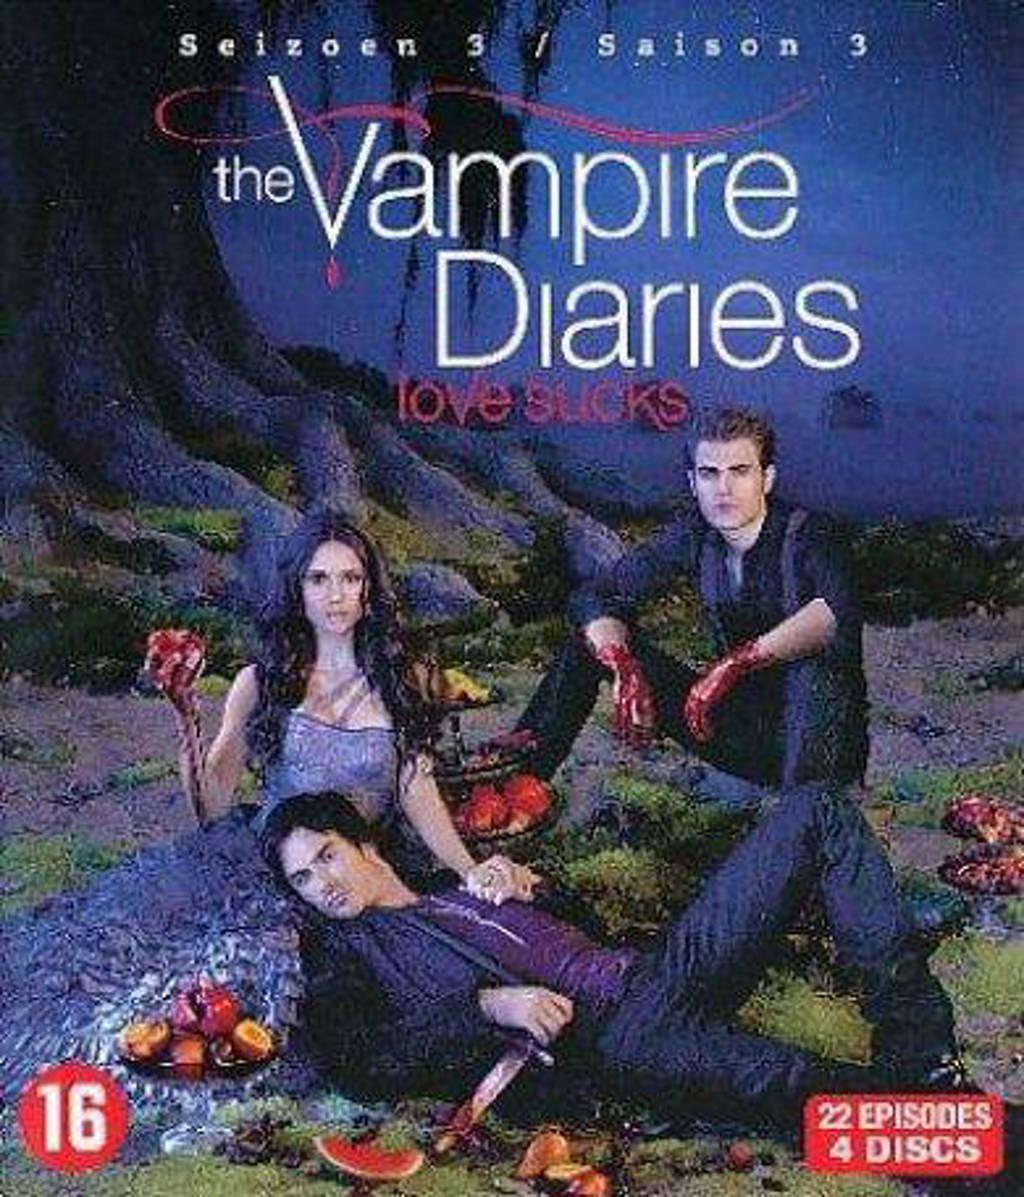 Vampire diaries - Seizoen 3 (Blu-ray)